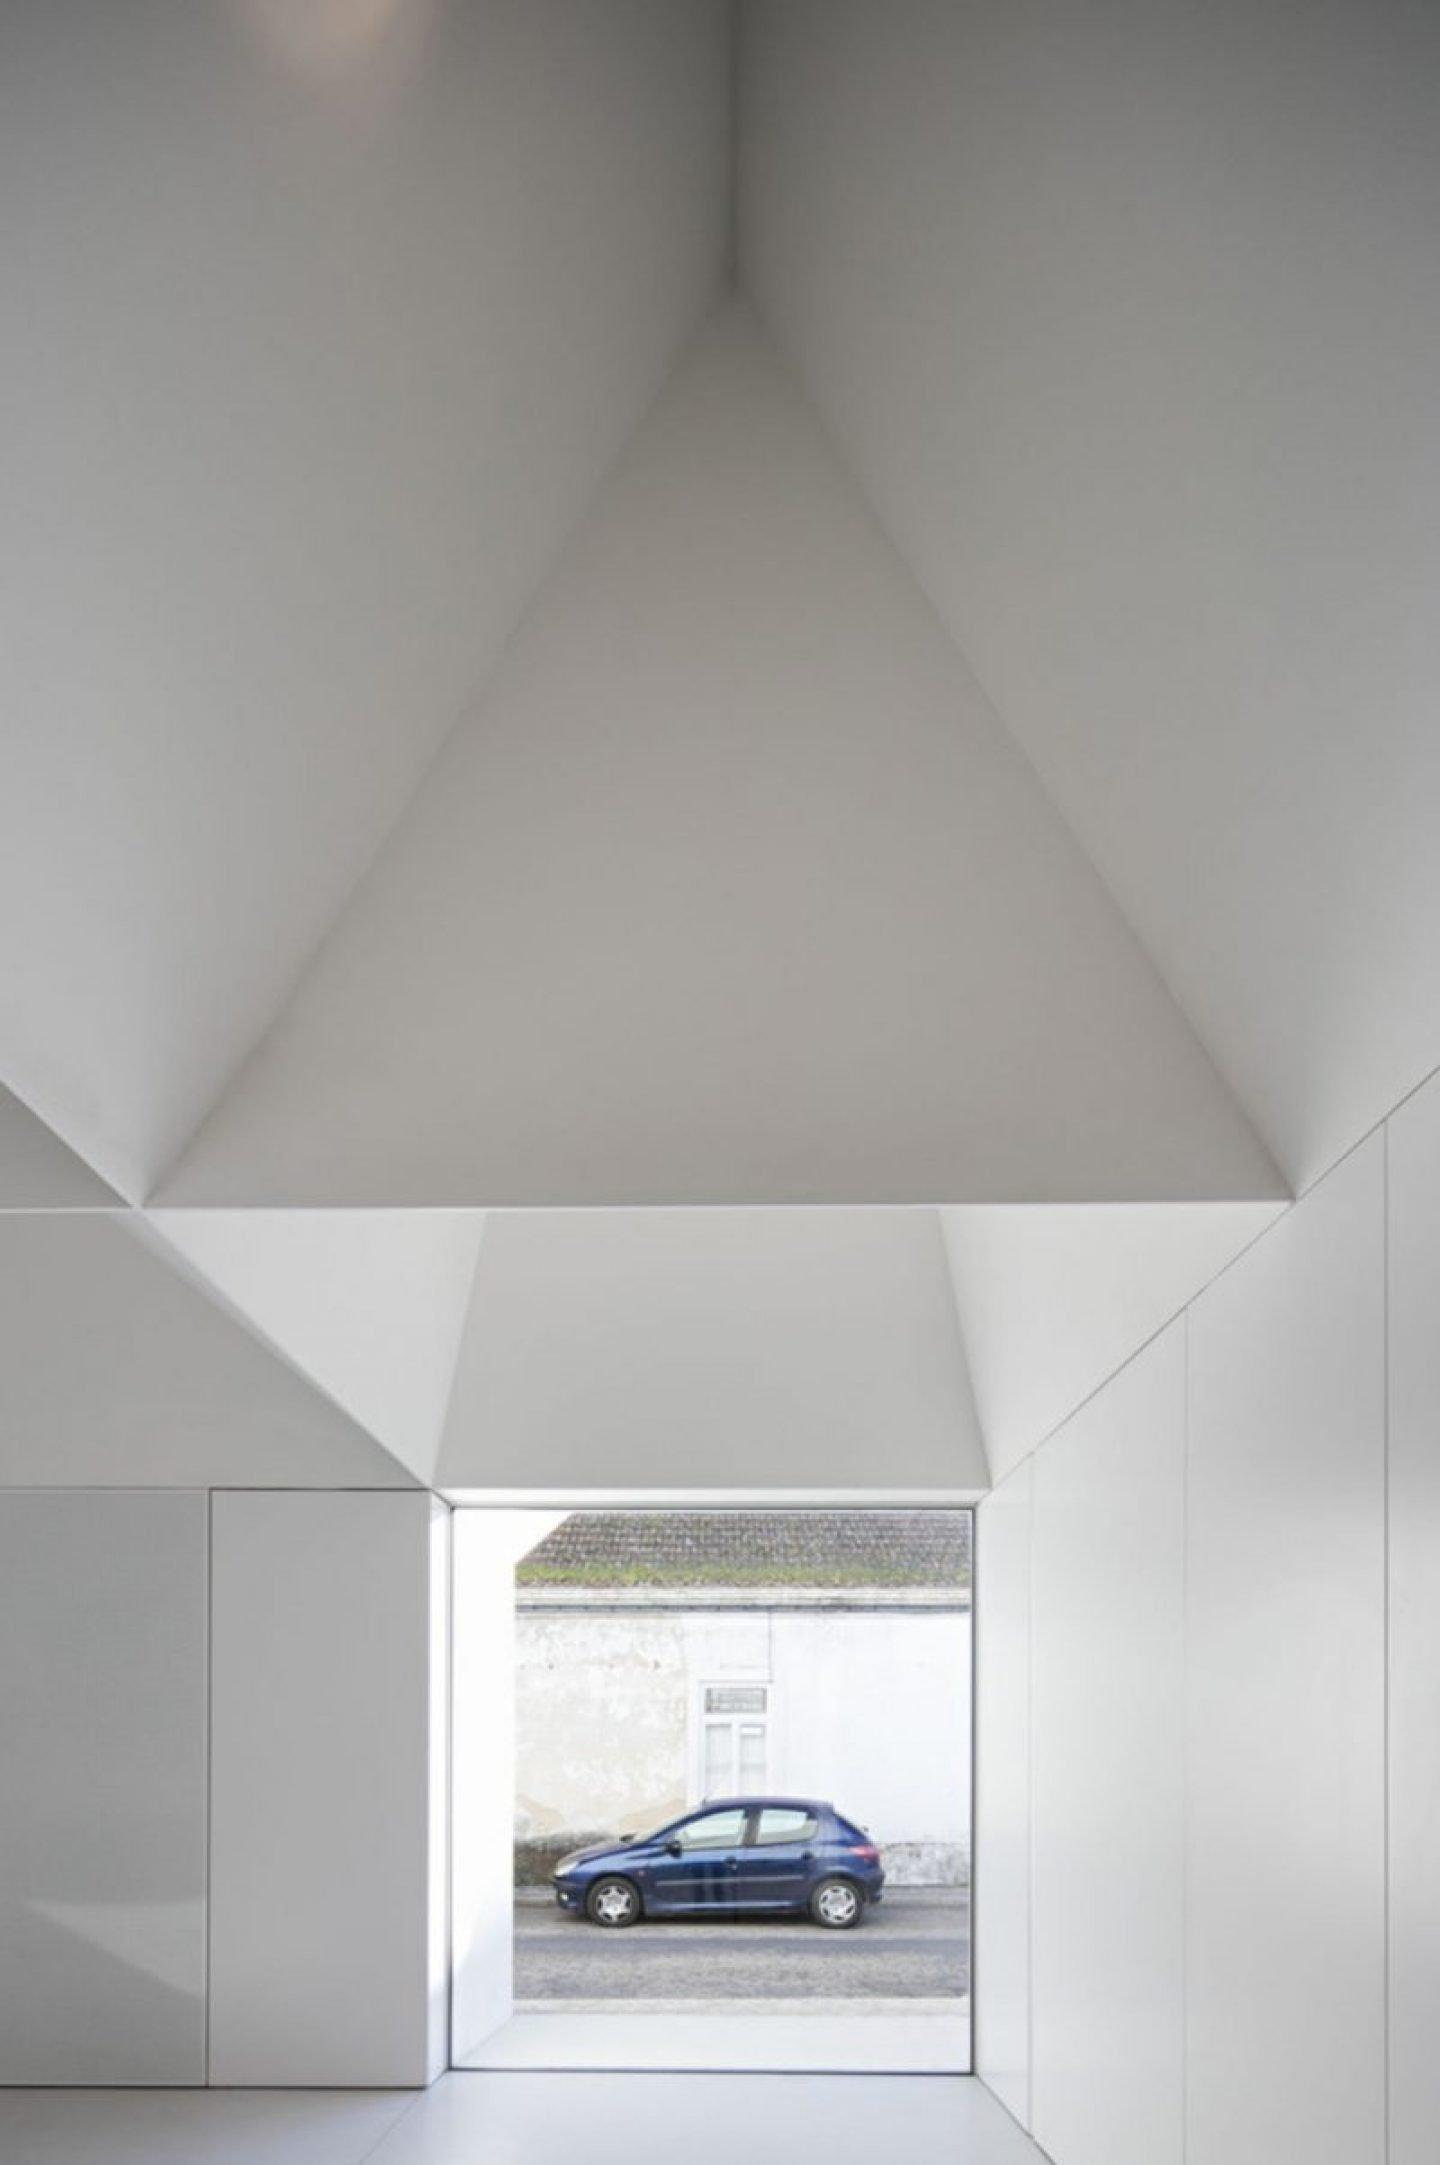 iGNANT_Architecture_Aires_Mateus_Monolithic_Meeting_Center_01